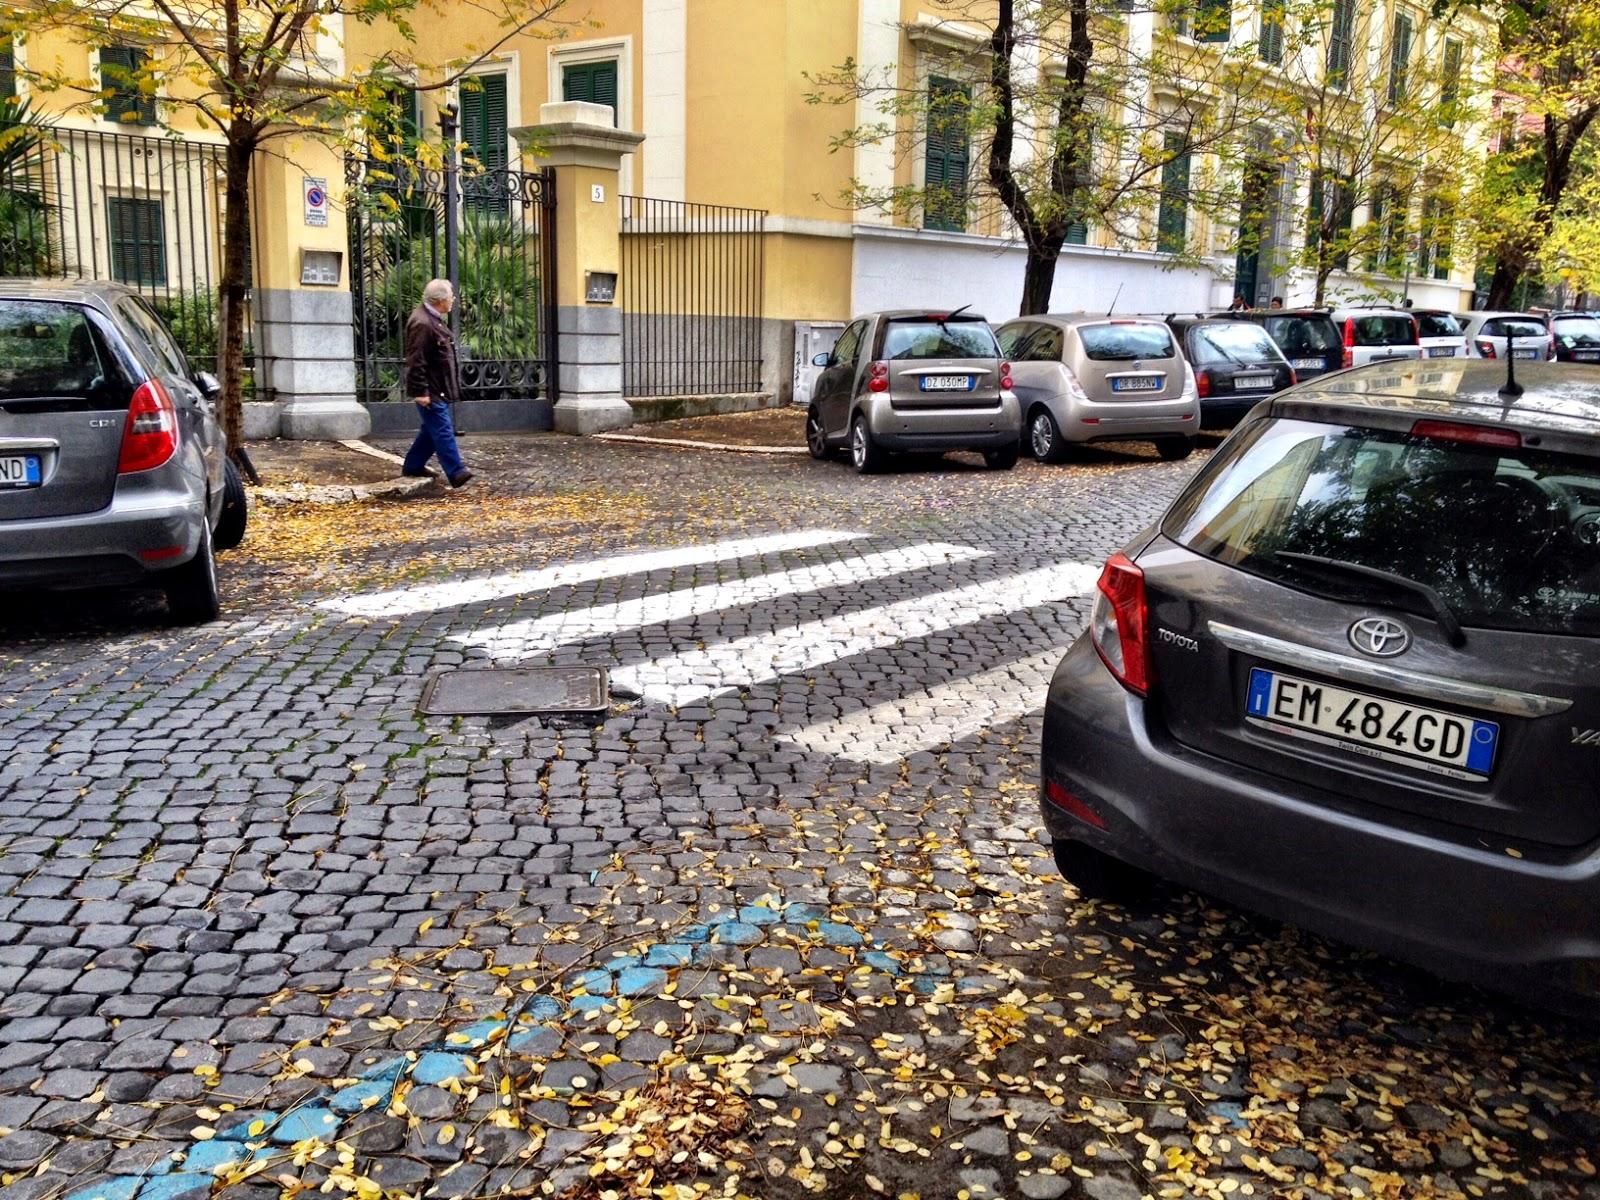 Dipingere Strisce Parcheggio : Roma fa schifo come si fa a dipingere strisce pedonali serie